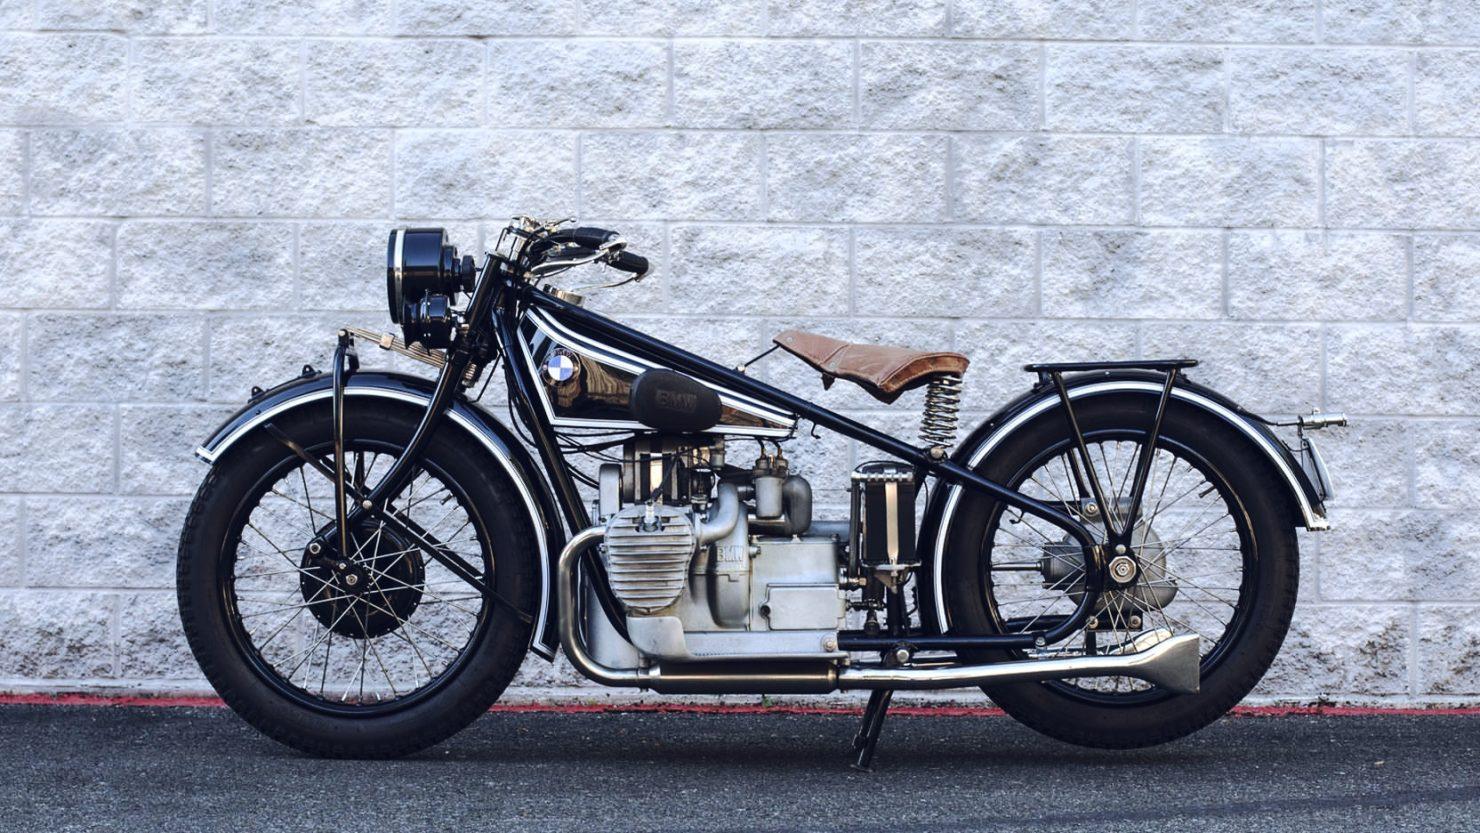 BMW R62 1 1480x833 - 1929 BMW R62